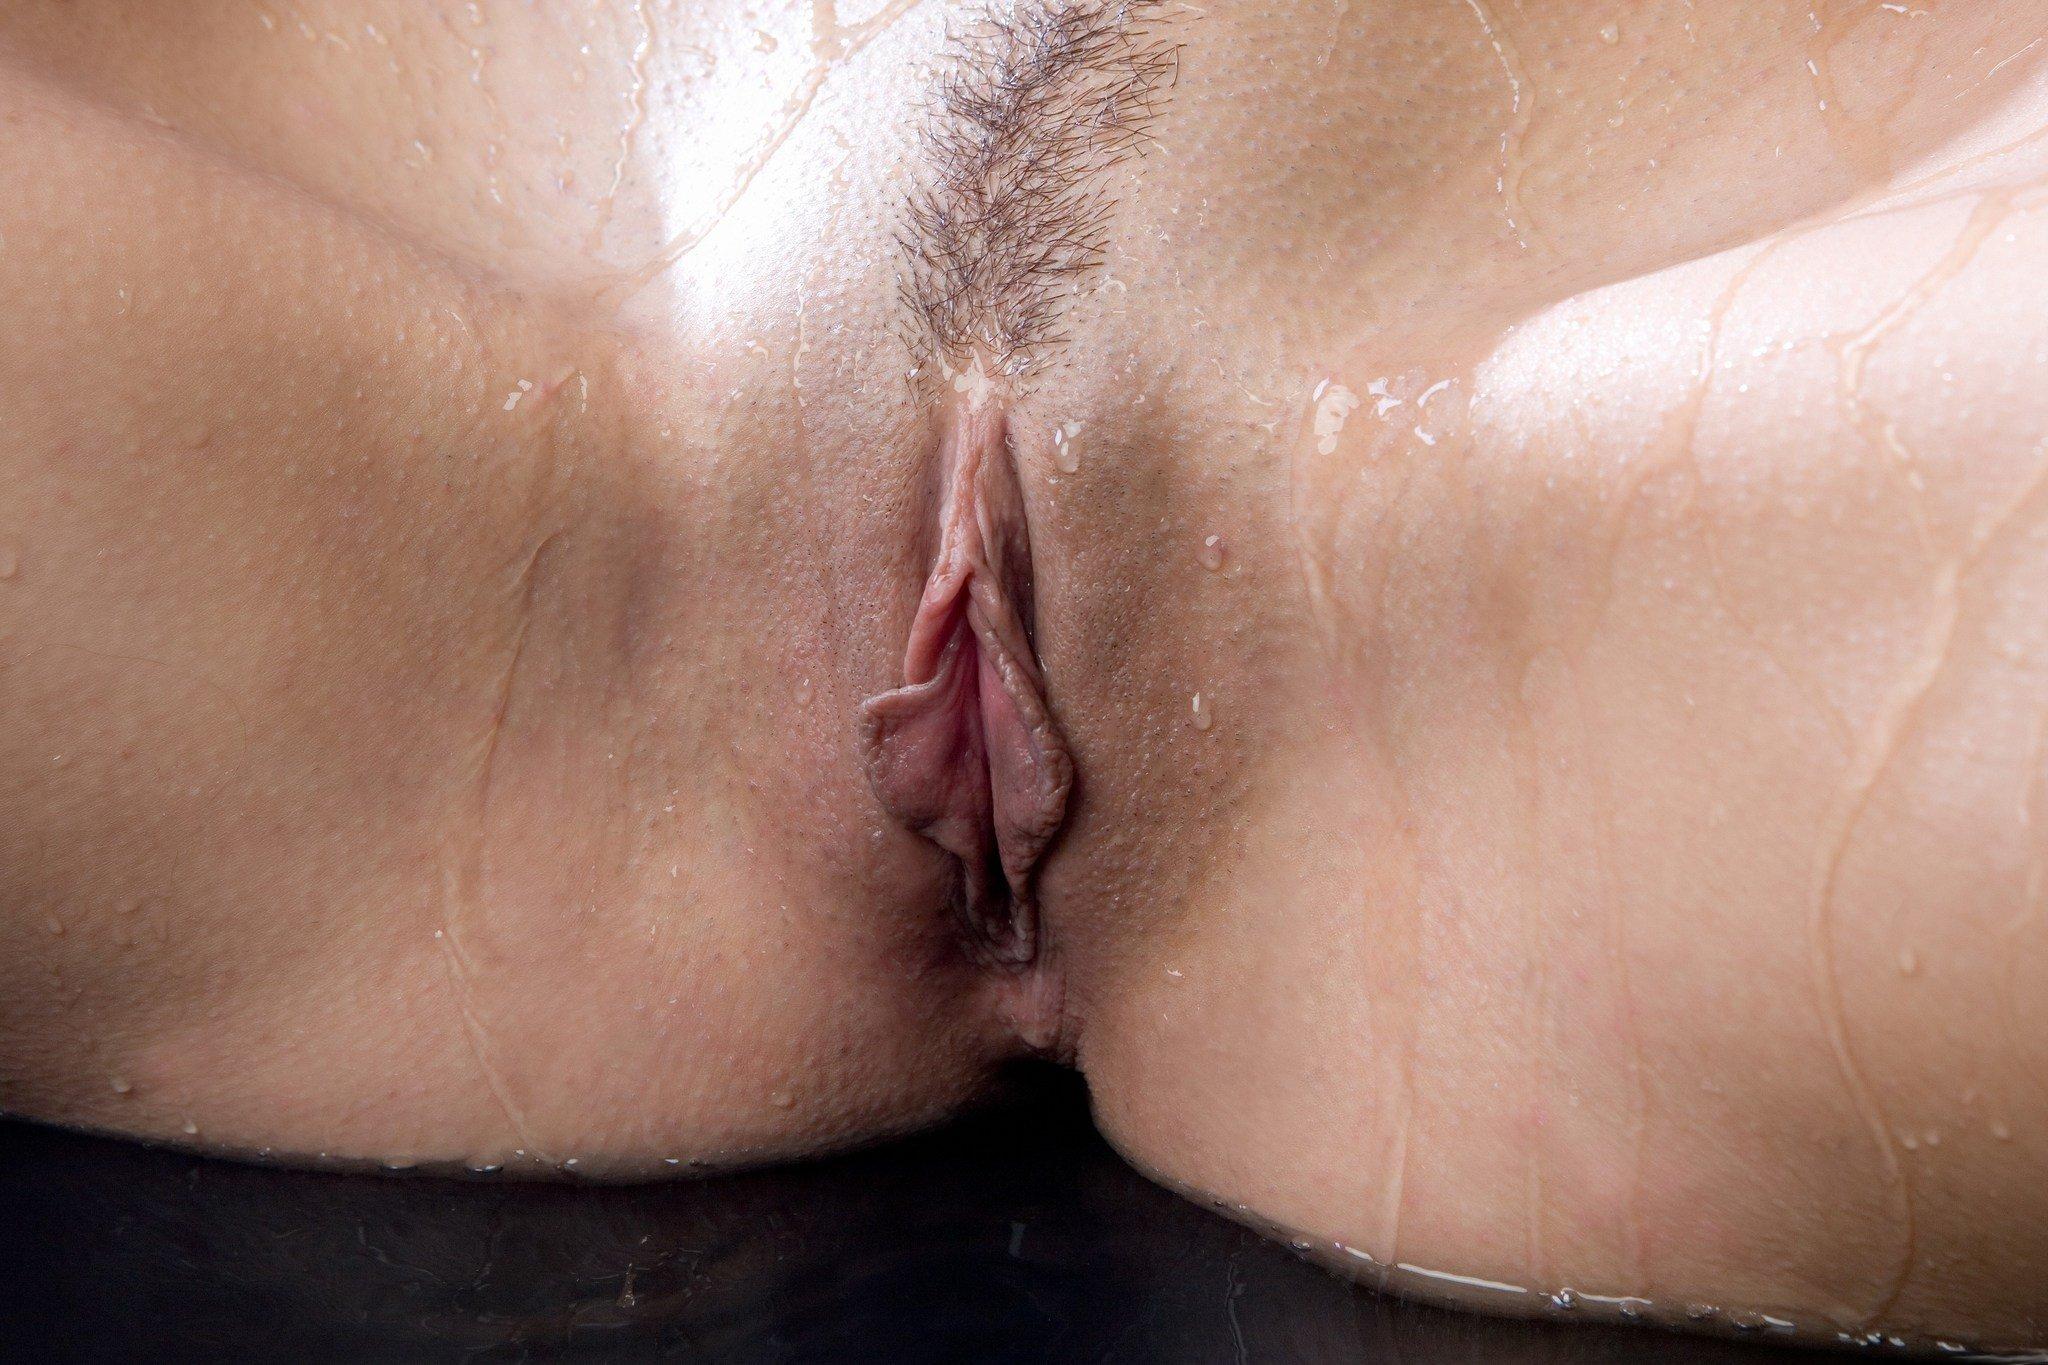 То, что что такое троянская вагина